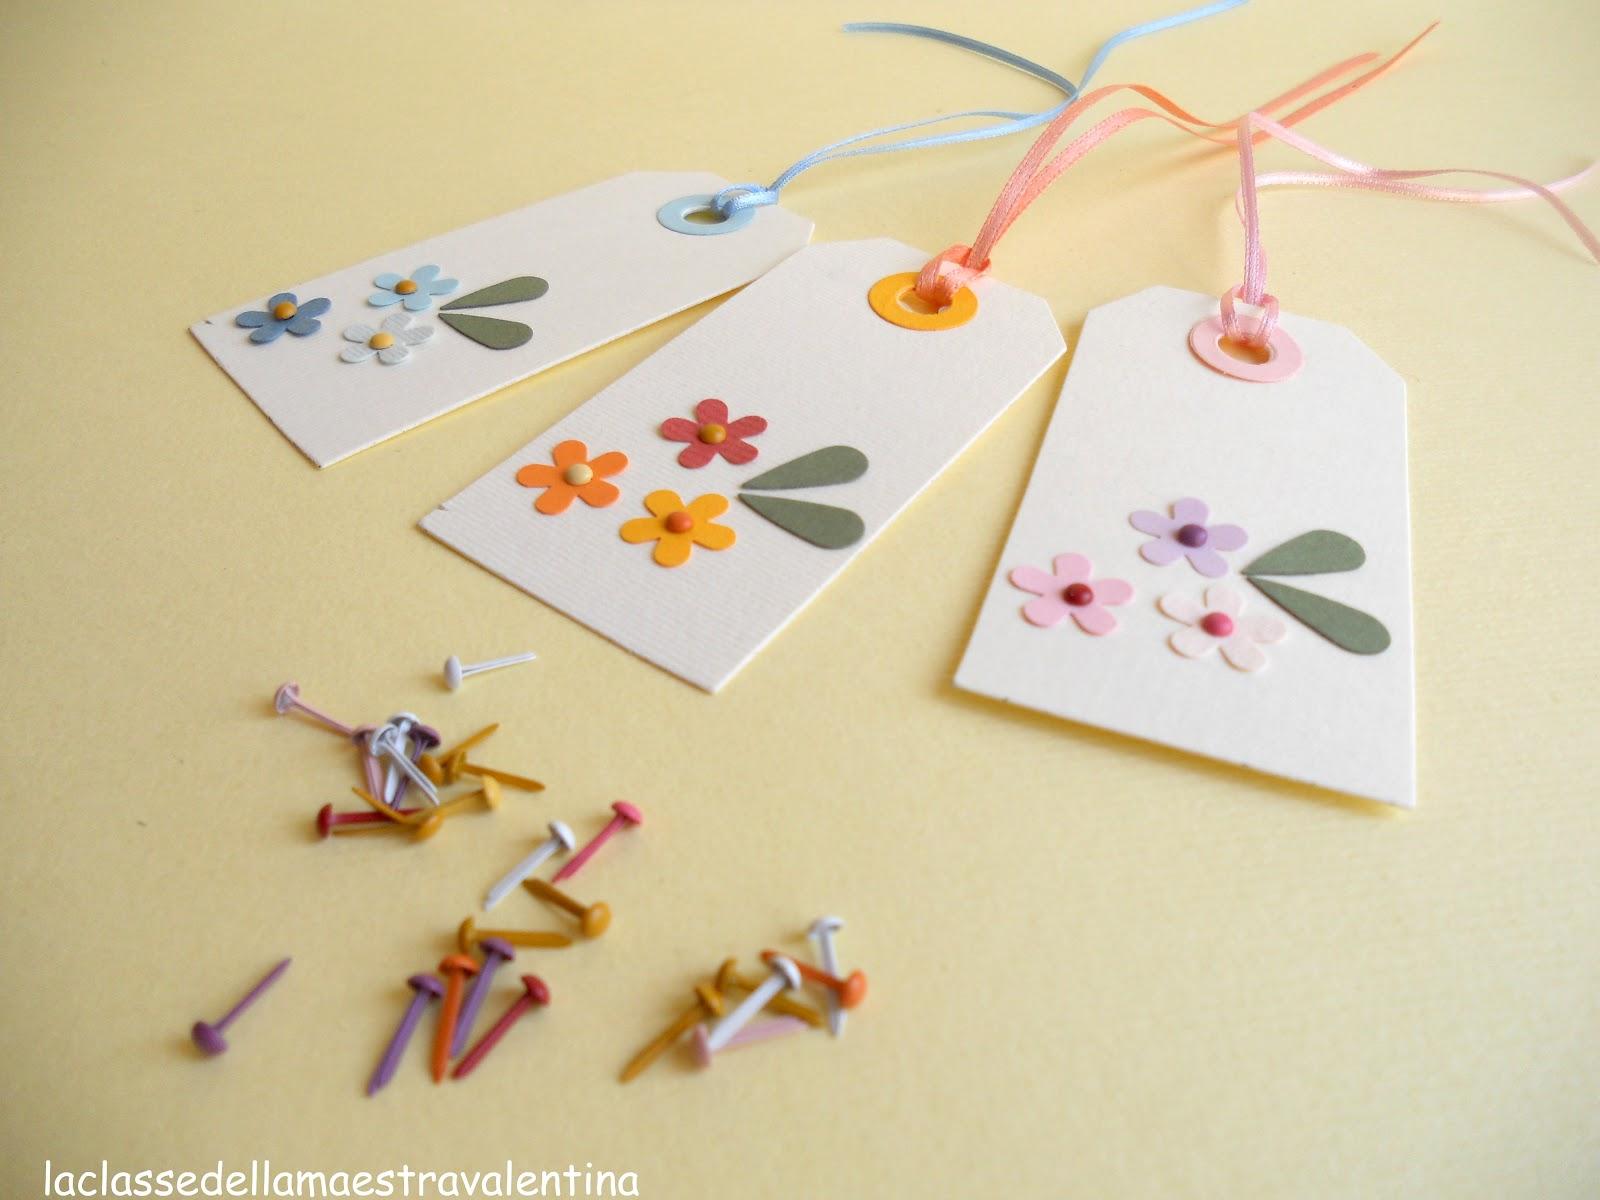 La classe della maestra valentina tag primaverili for La classe della maestra valentina primavera